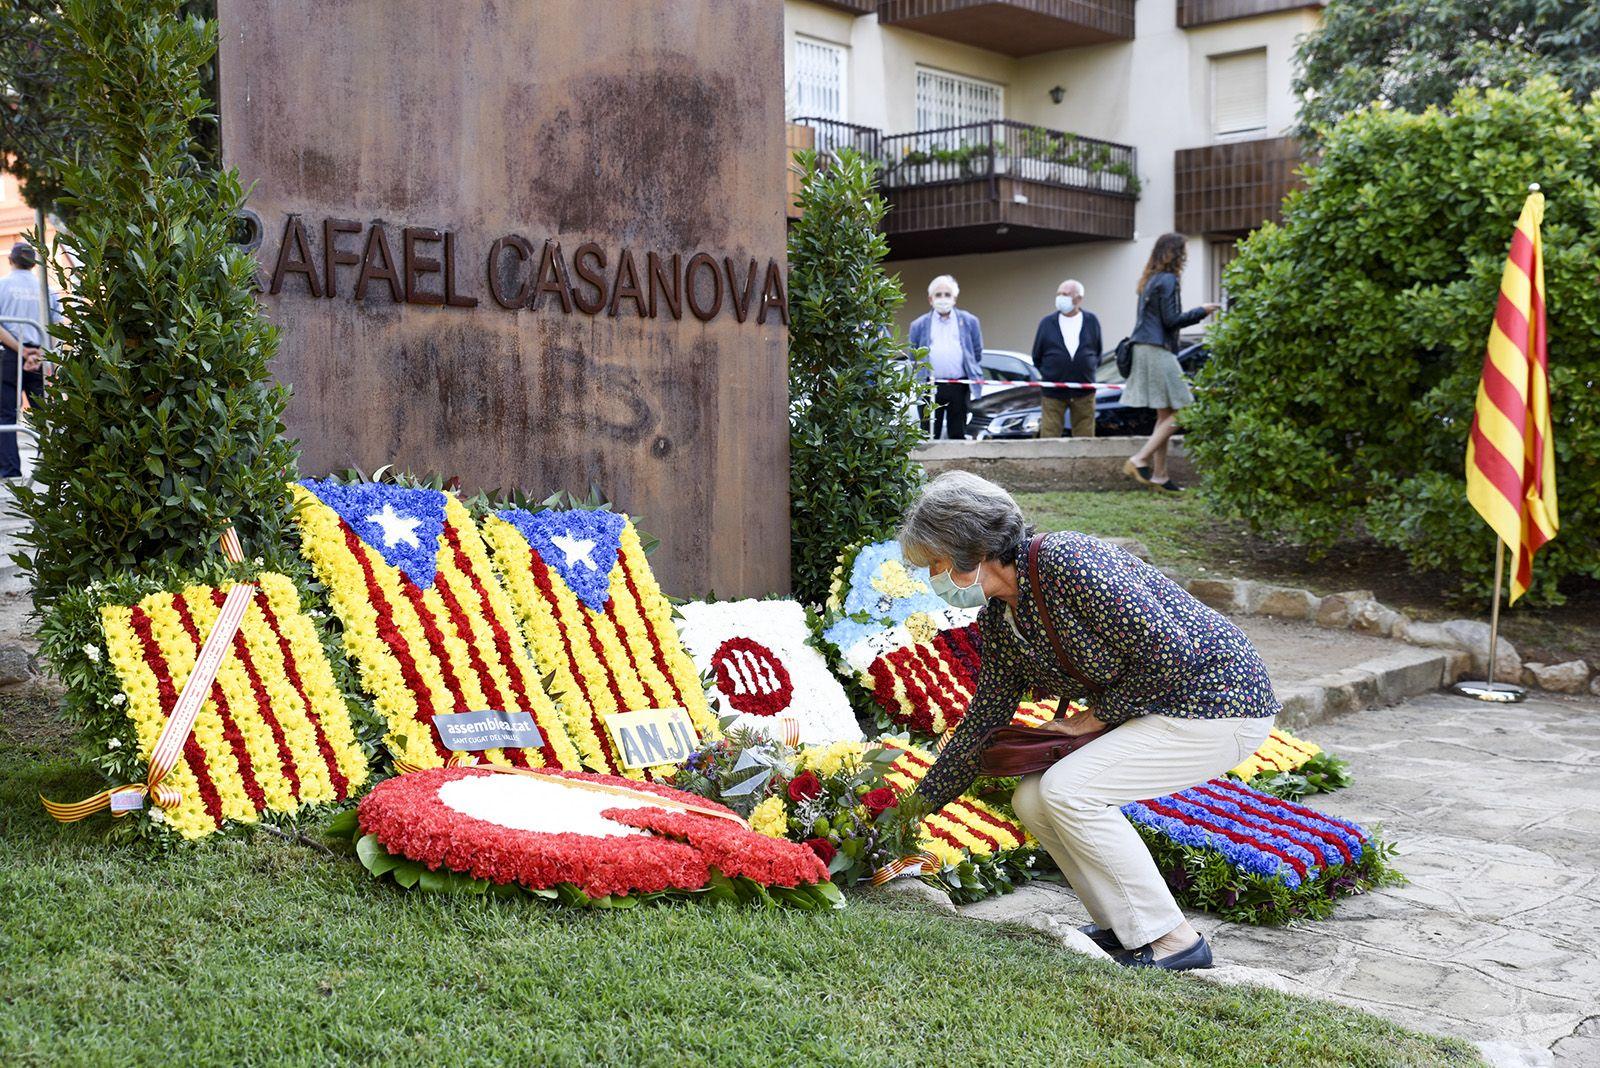 Ofrena floral de Sant Cugat en Comú al monument de Rafael Casanova. Foto: Bernat Millet.